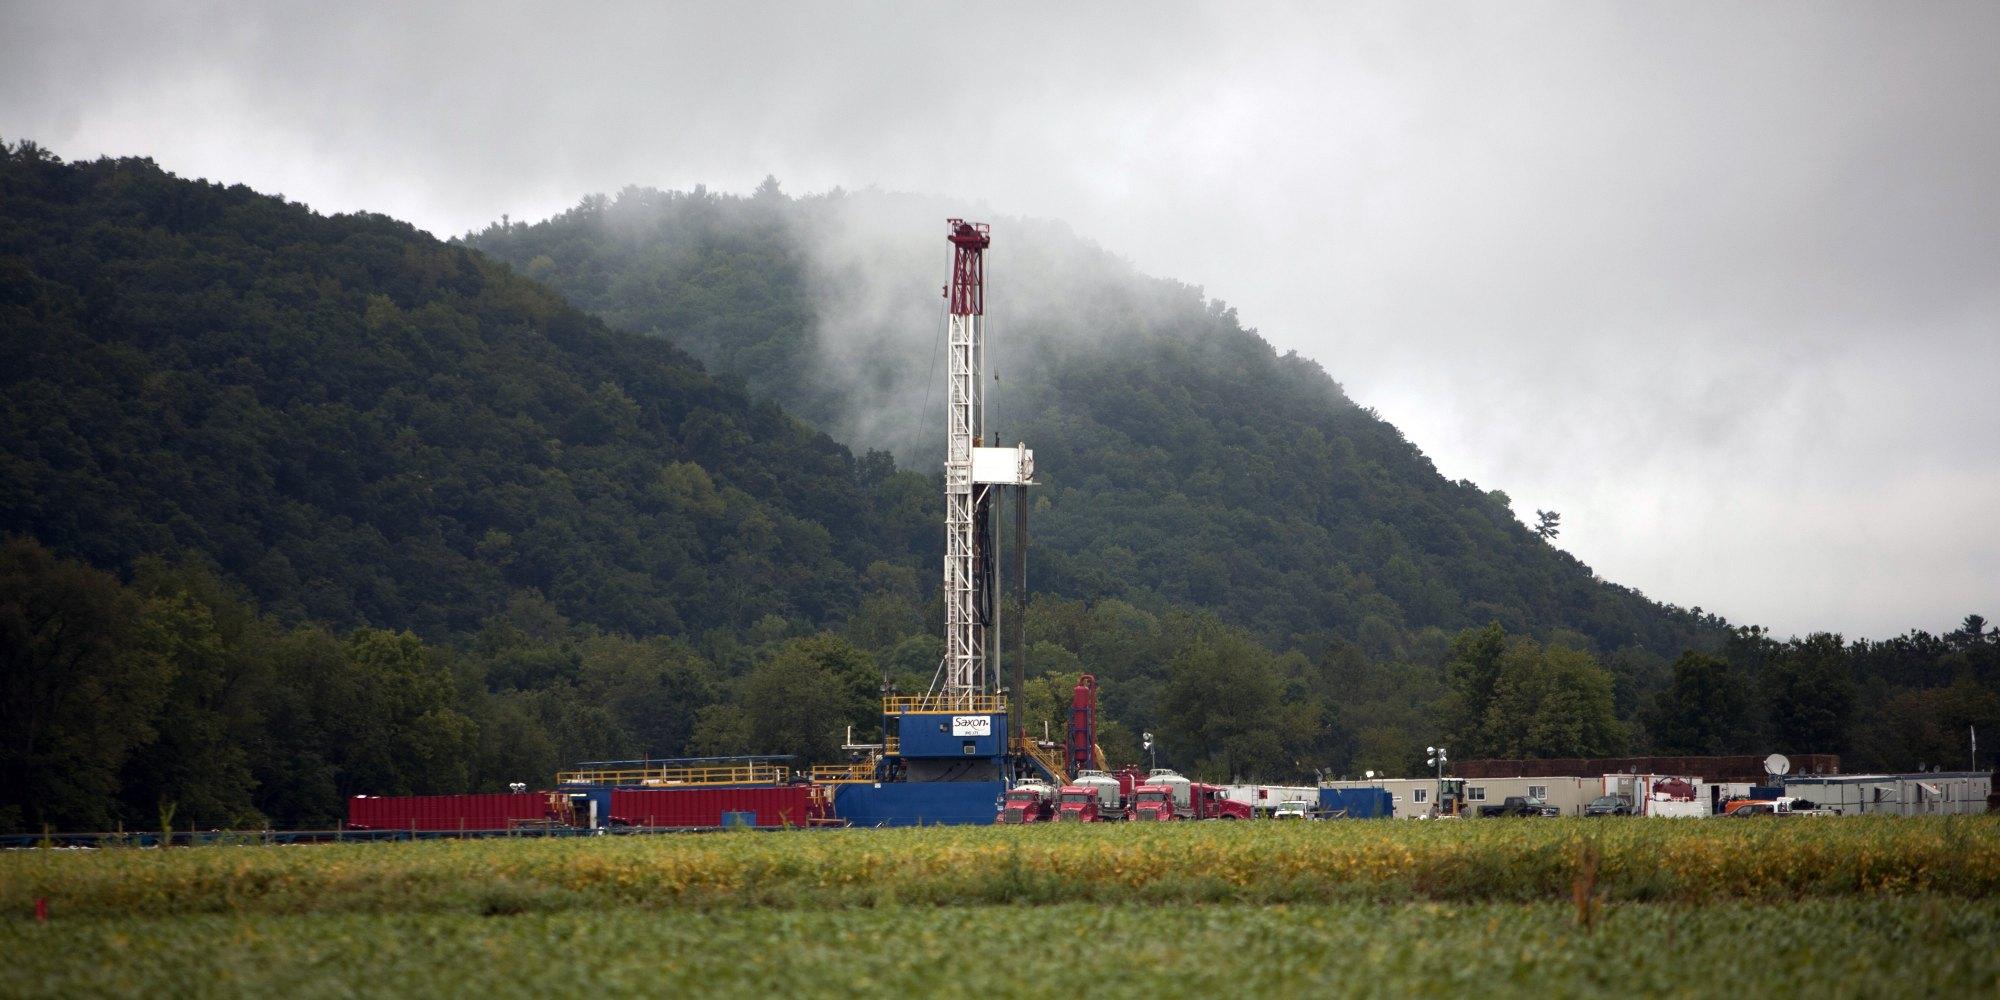 Penn Natural Gas